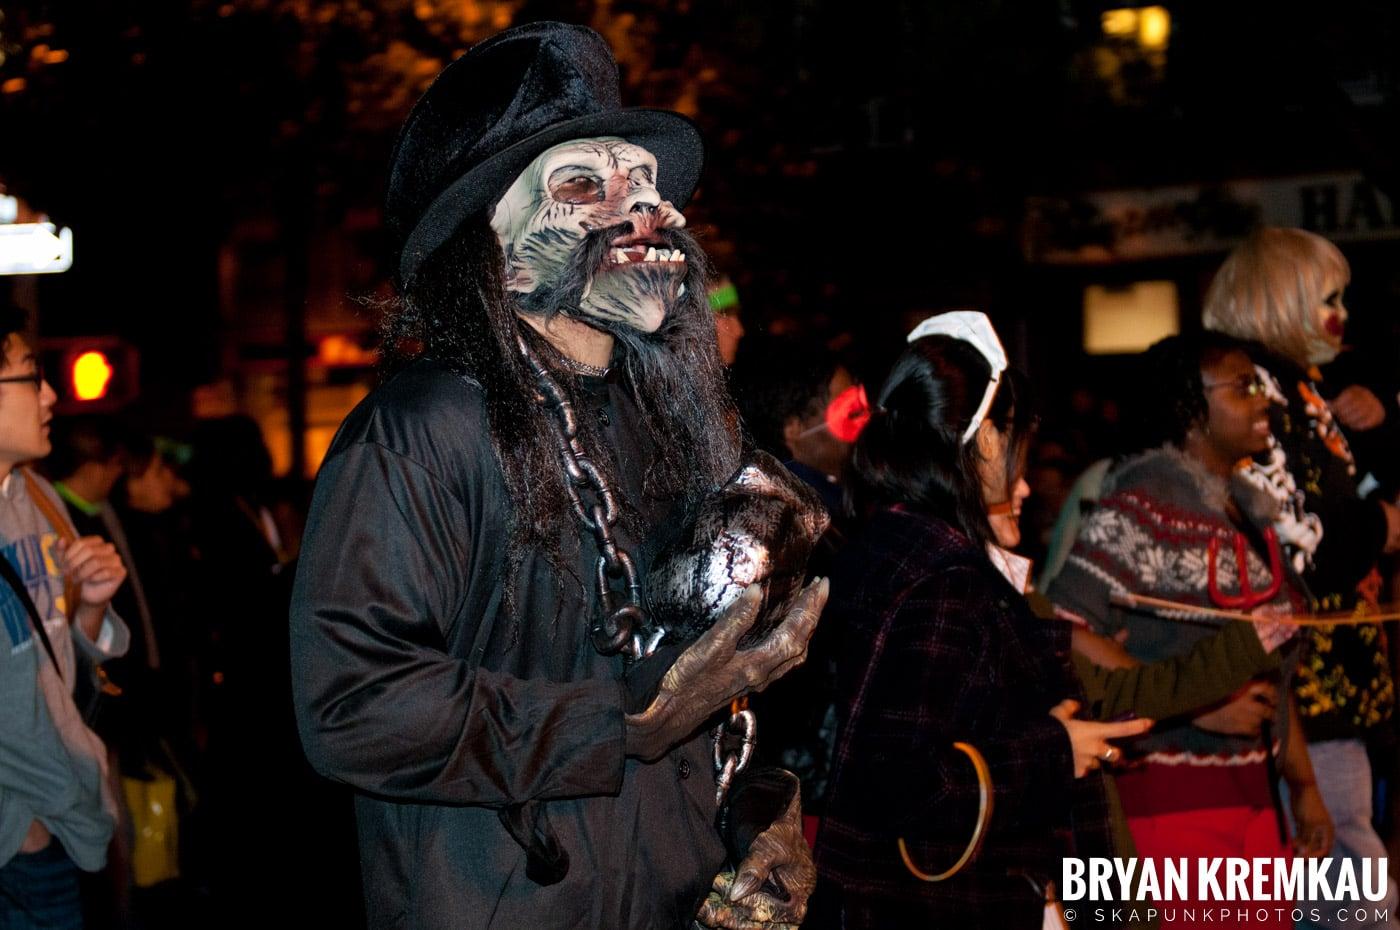 NYC Halloween Parade 2011 @ New York, NY - 10.31.11 (35)